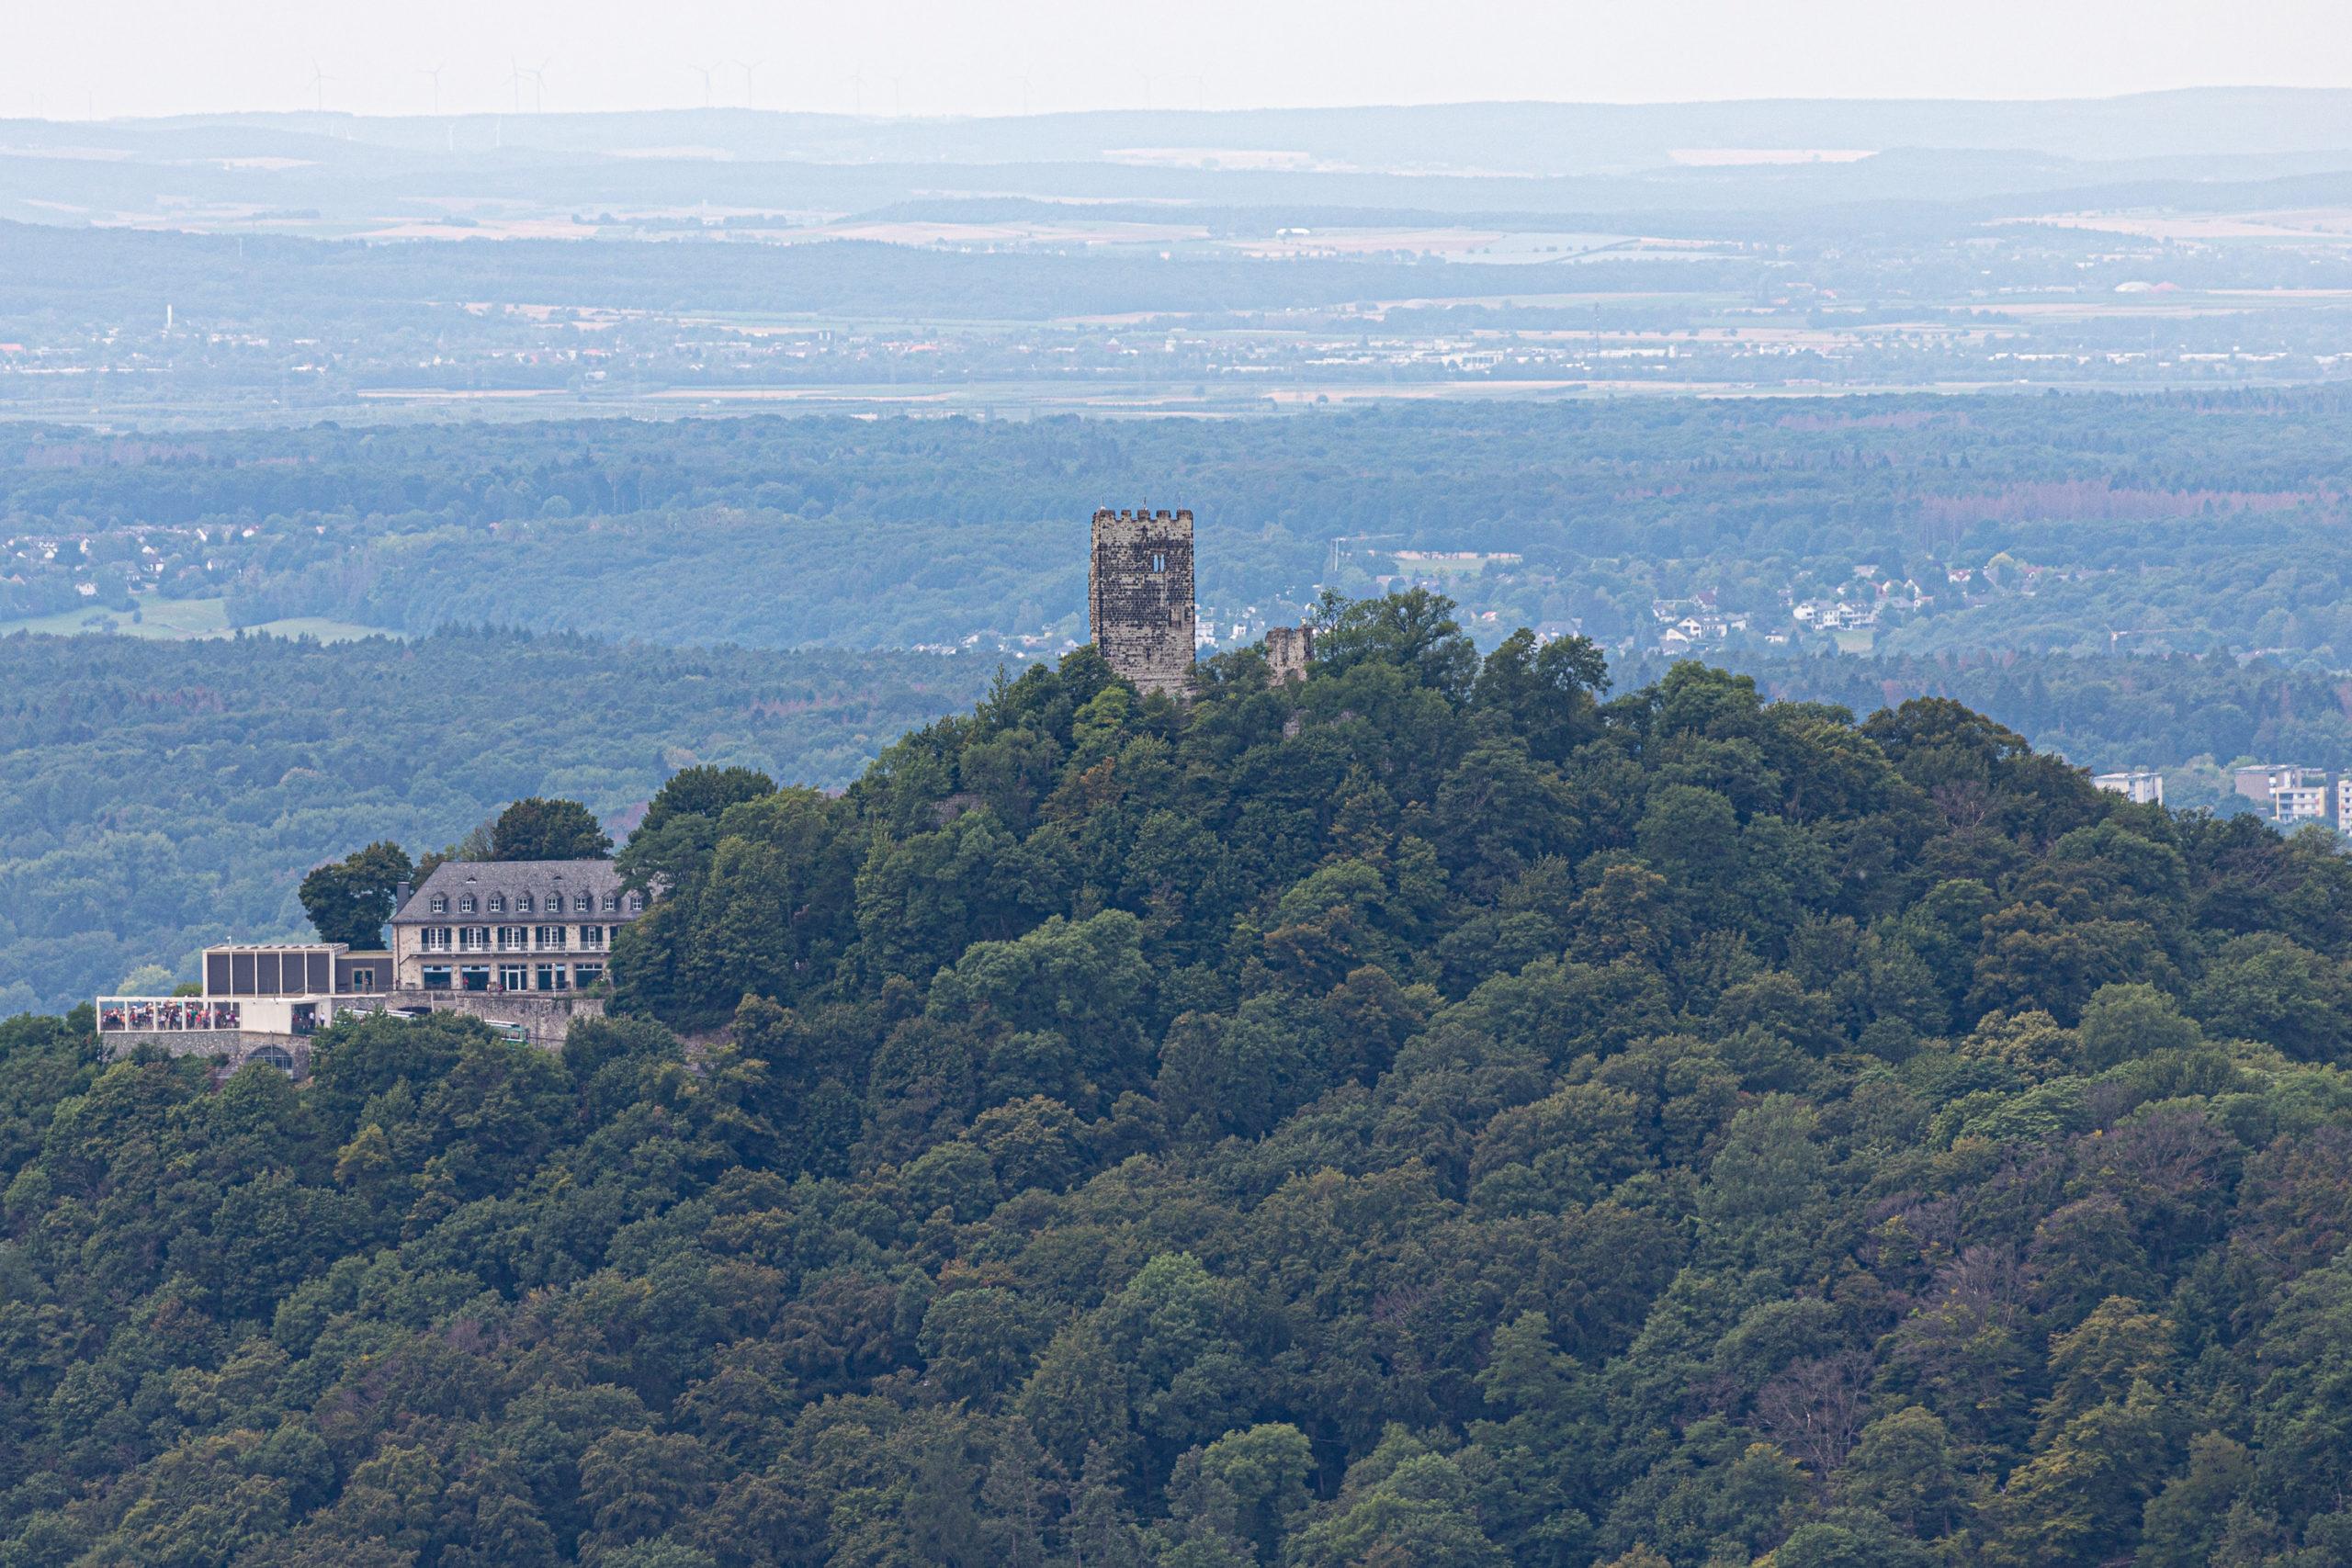 Ein dicht bewachsener Hügel, auf der Spitze ein alter Turm, etwas darunter links ein Haus mit Wintergarten.